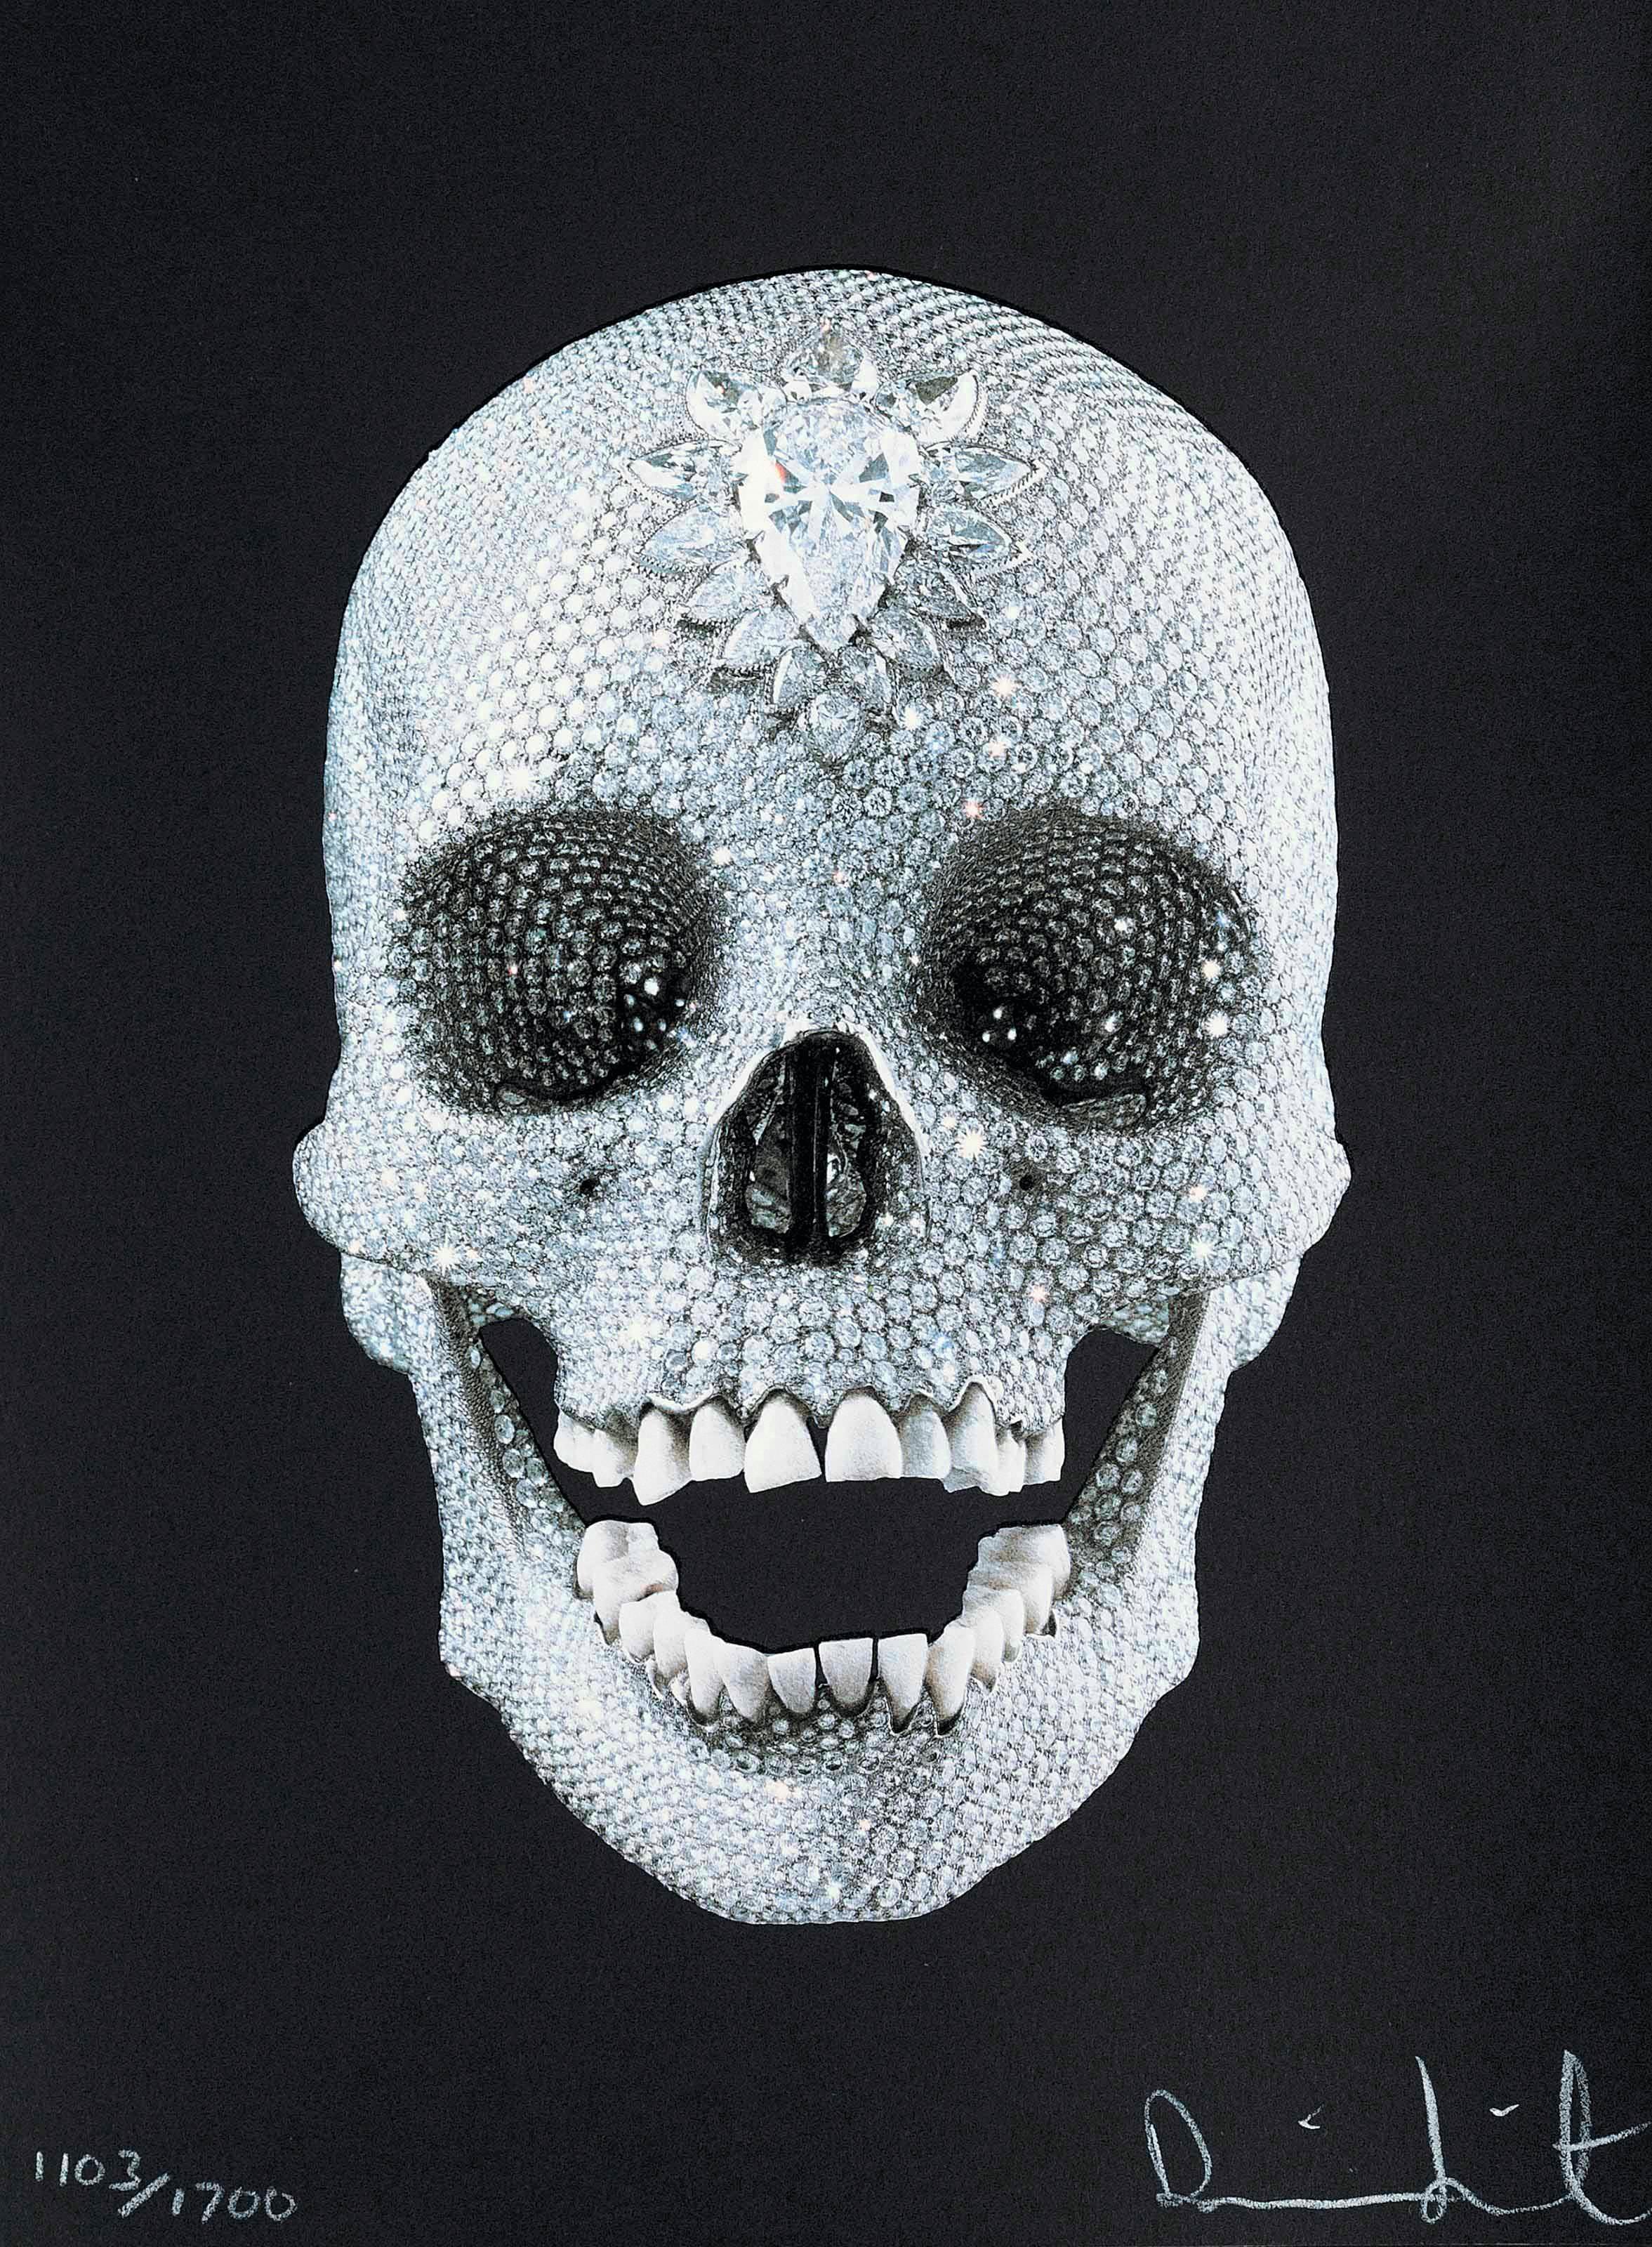 Damien Hirst, For the love of god, 2007, réplique d'un crâne humain, incrusté de diamants.